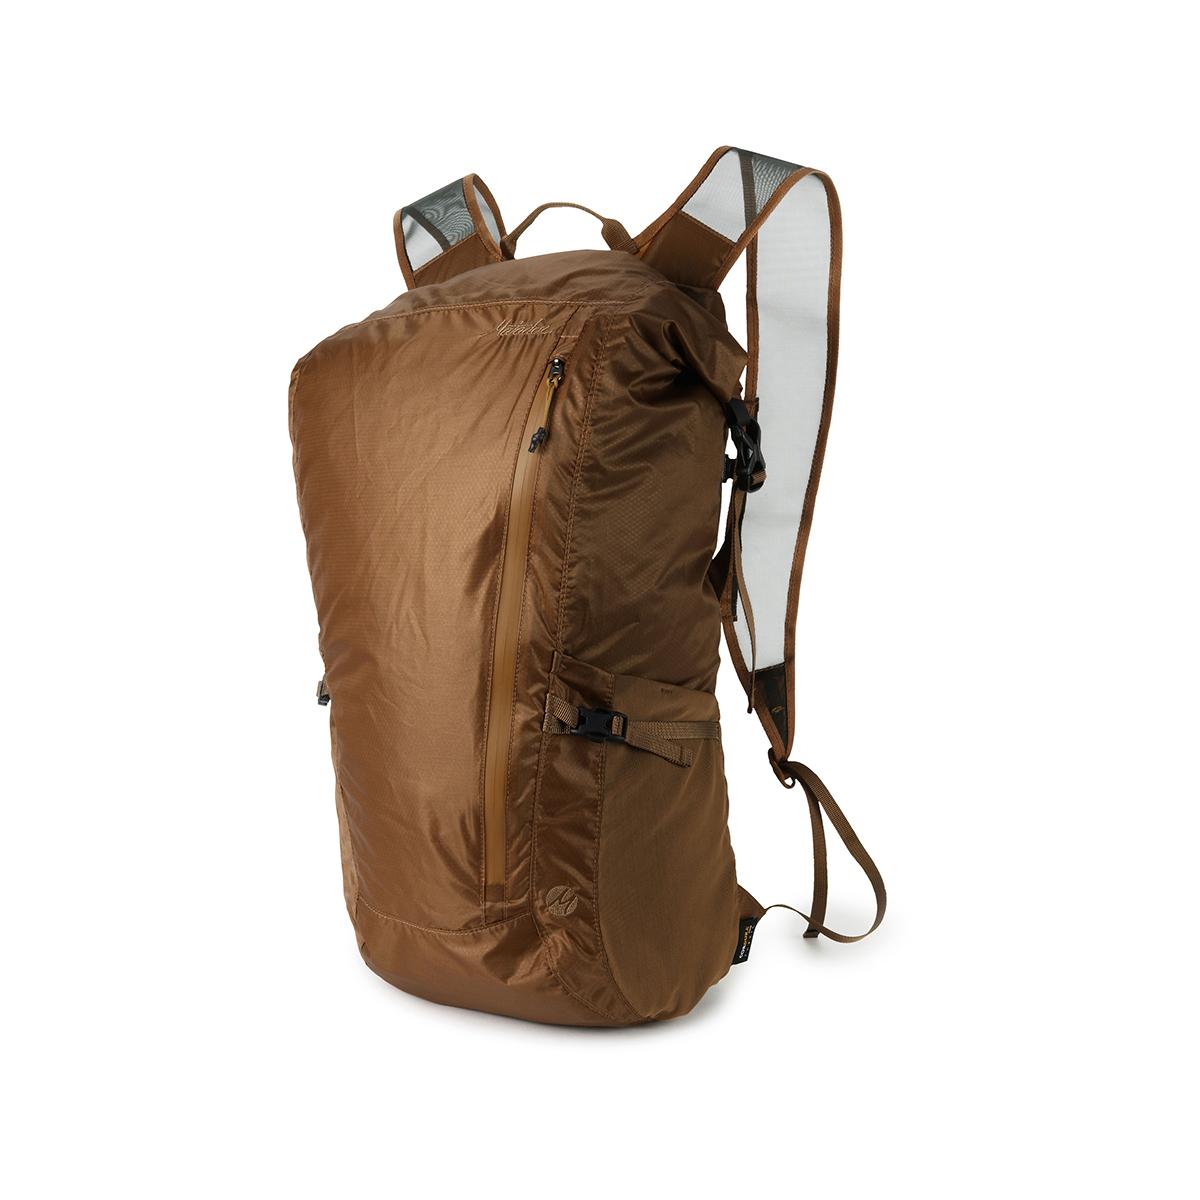 手のひらサイズになる大容量バッグ|《24L/コヨーテ》旅先や日常生活でアクティブに動き回れる、手のひらサイズにたためる防水仕様のバックパック|Matador Freerain24 2.0